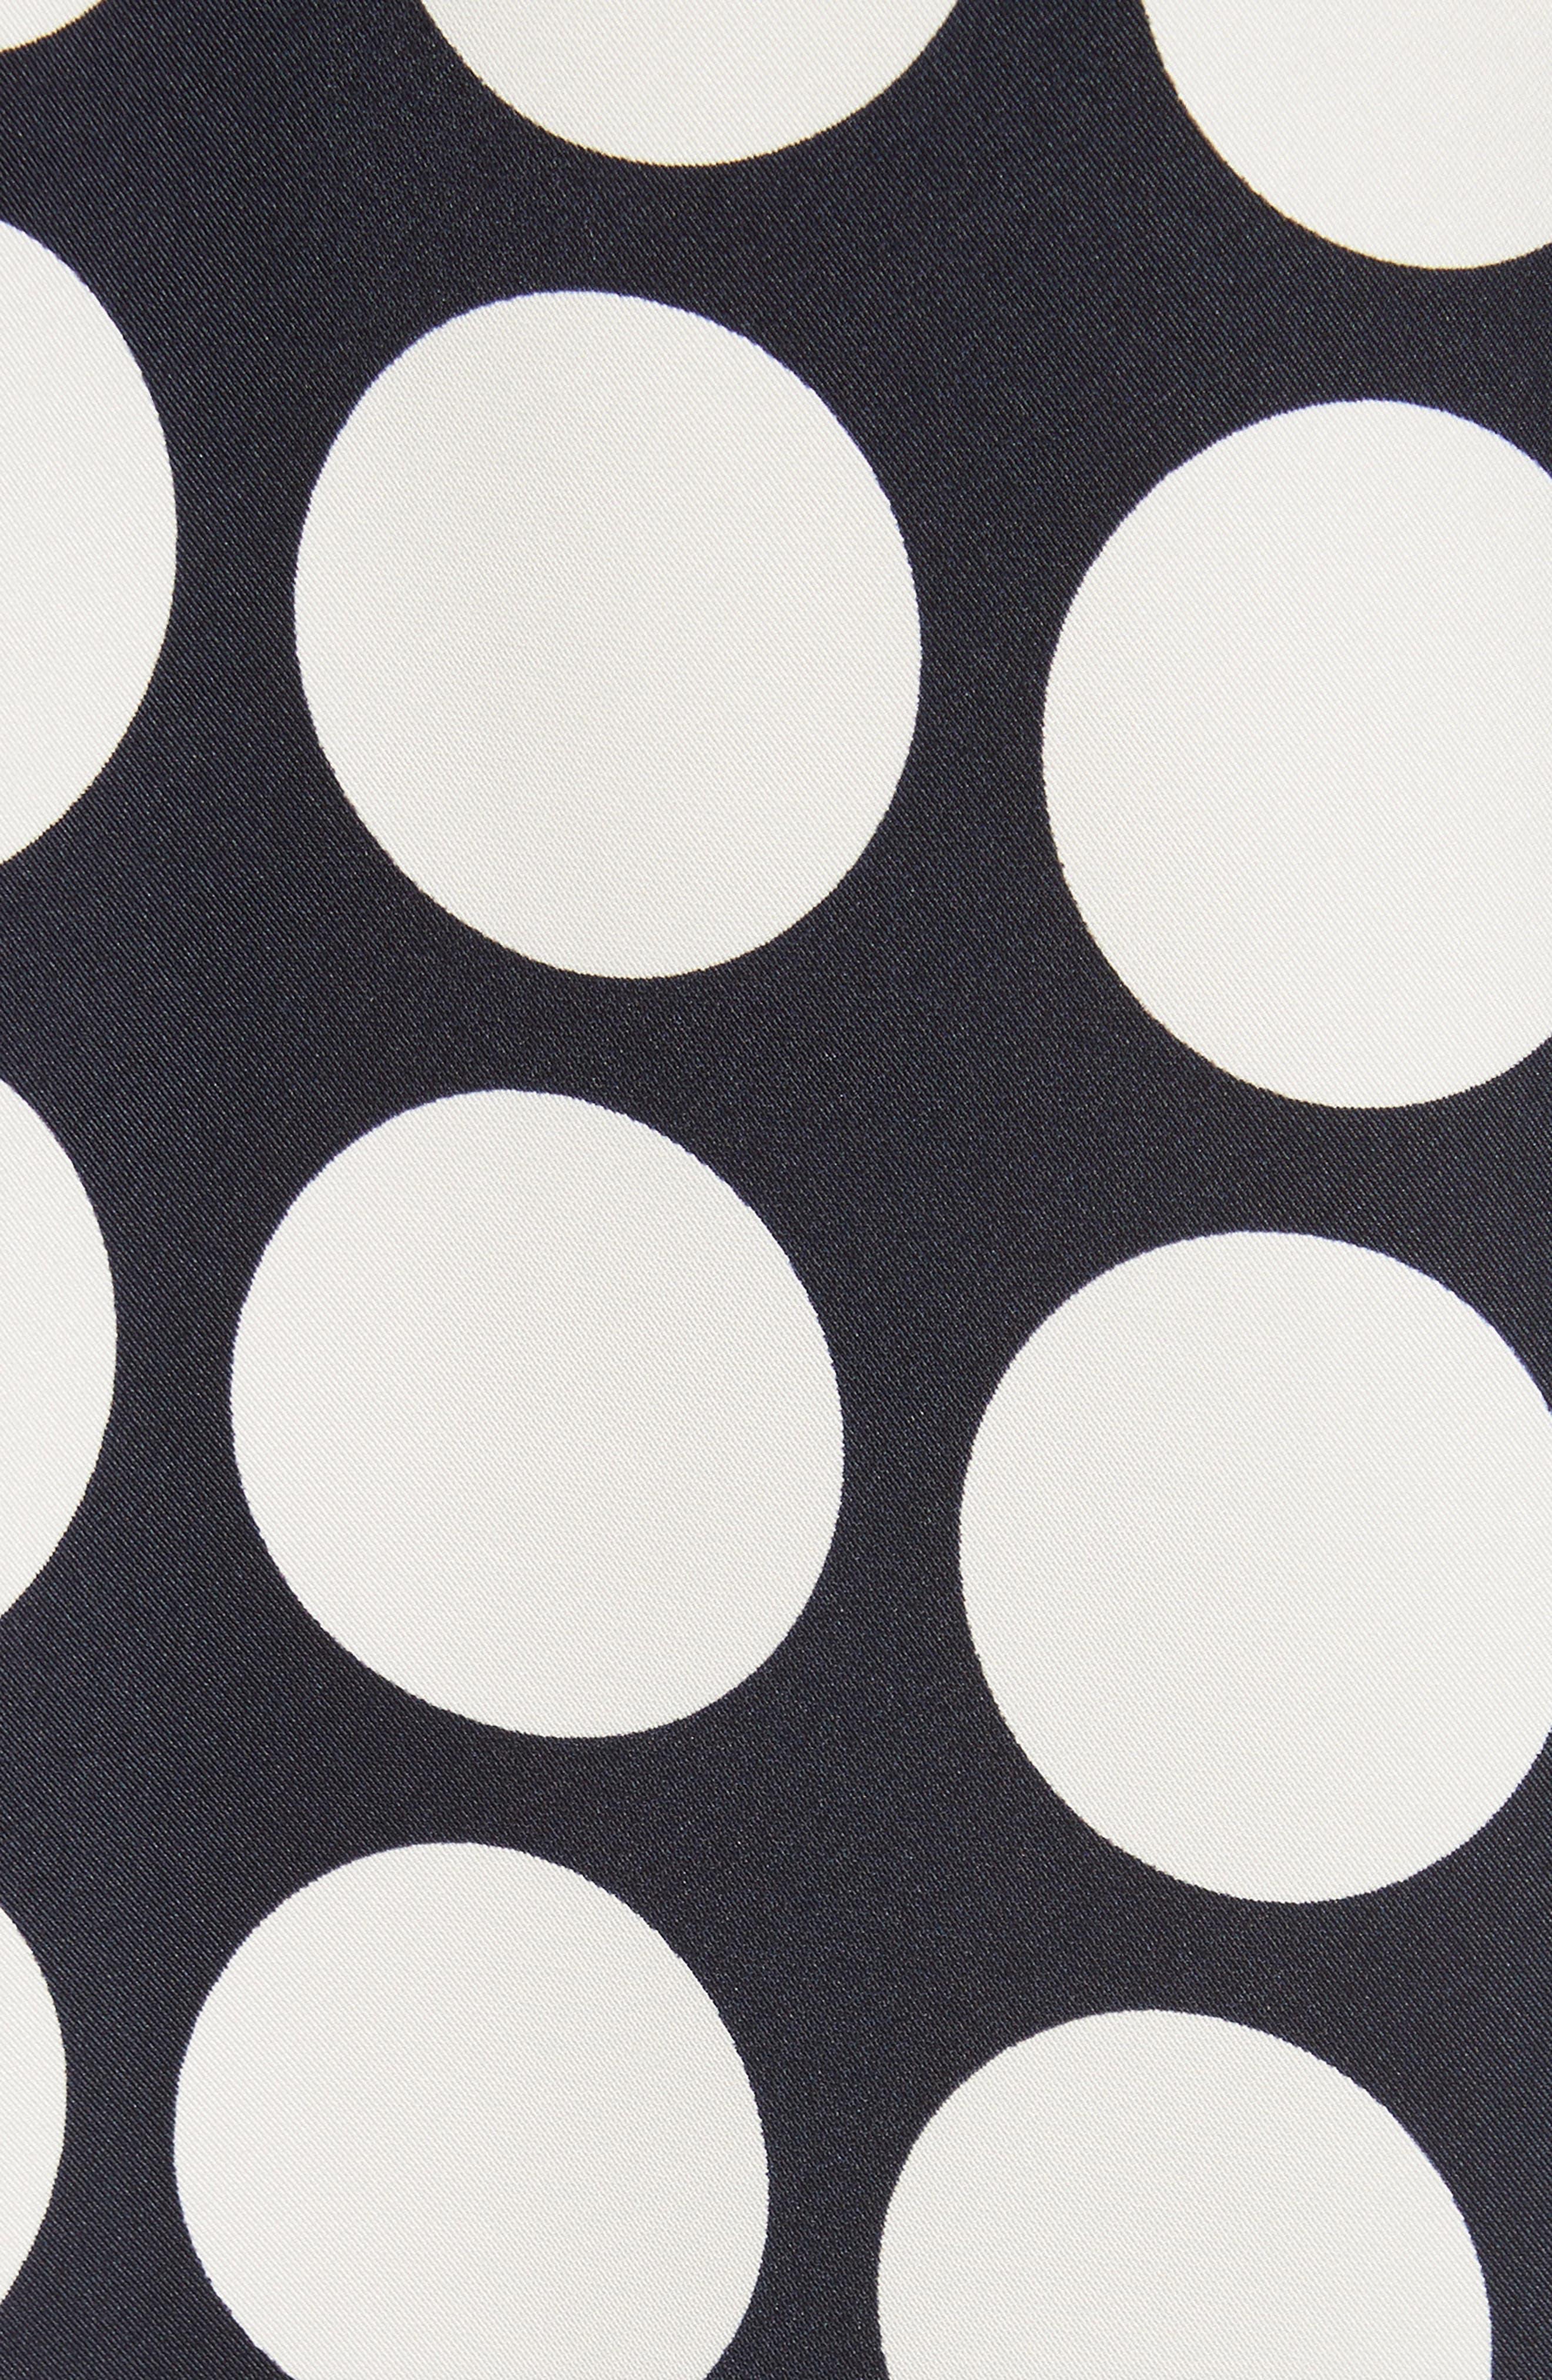 Giant Polka Dot Pleated Skirt,                             Alternate thumbnail 7, color,                             Navy/ Off-White